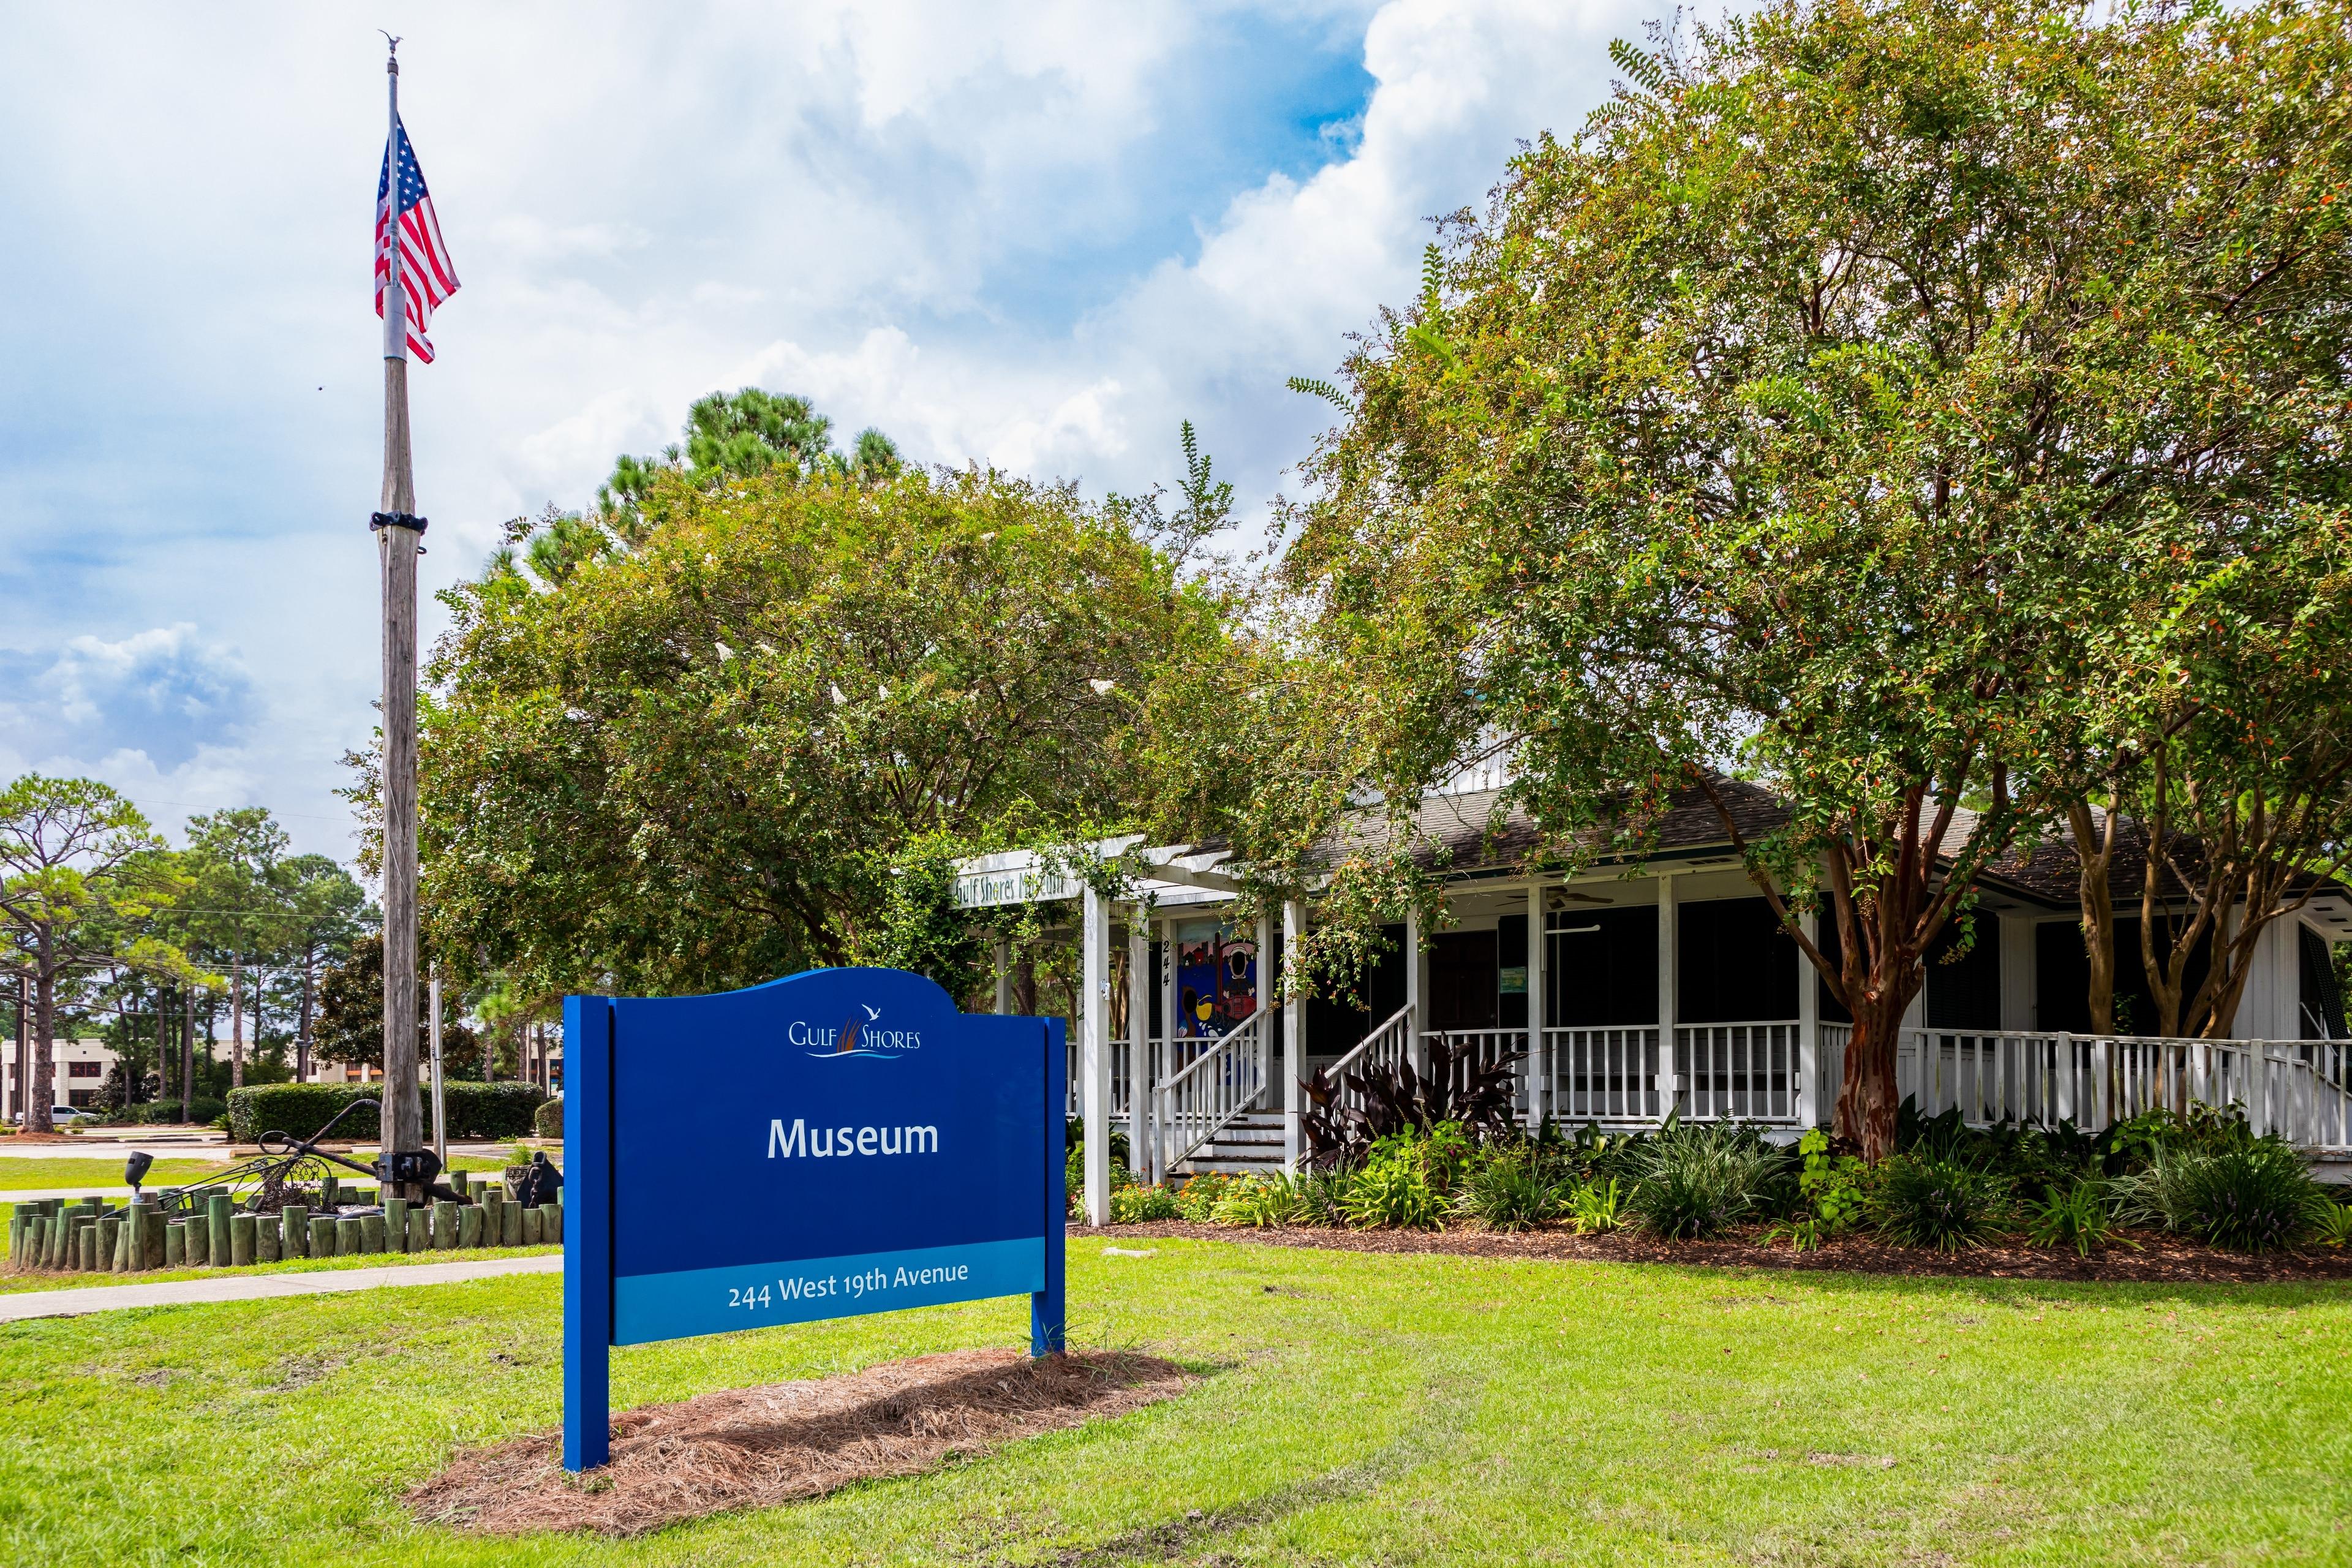 Gulf Shores Museum, Gulf Shores, Alabama, USA